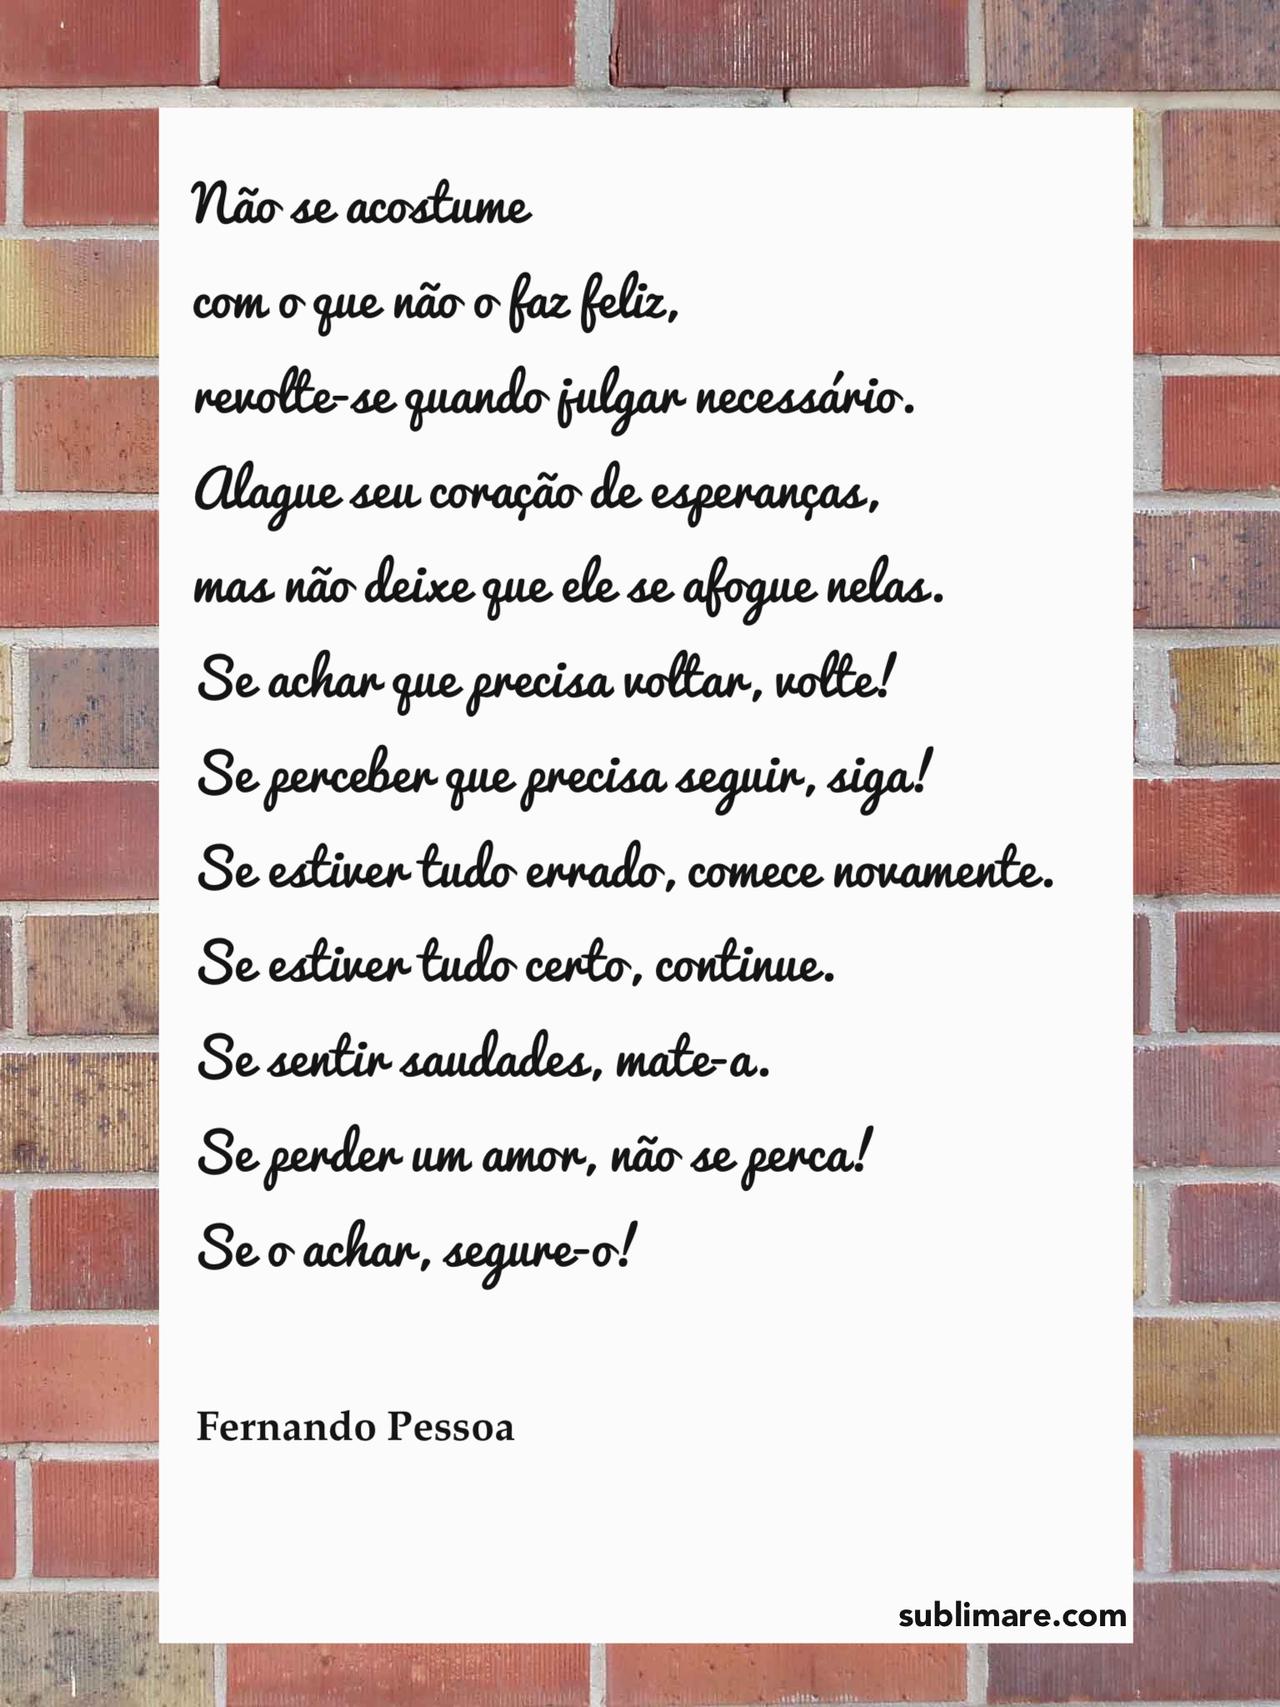 poema da felicidade - fernando pessoa